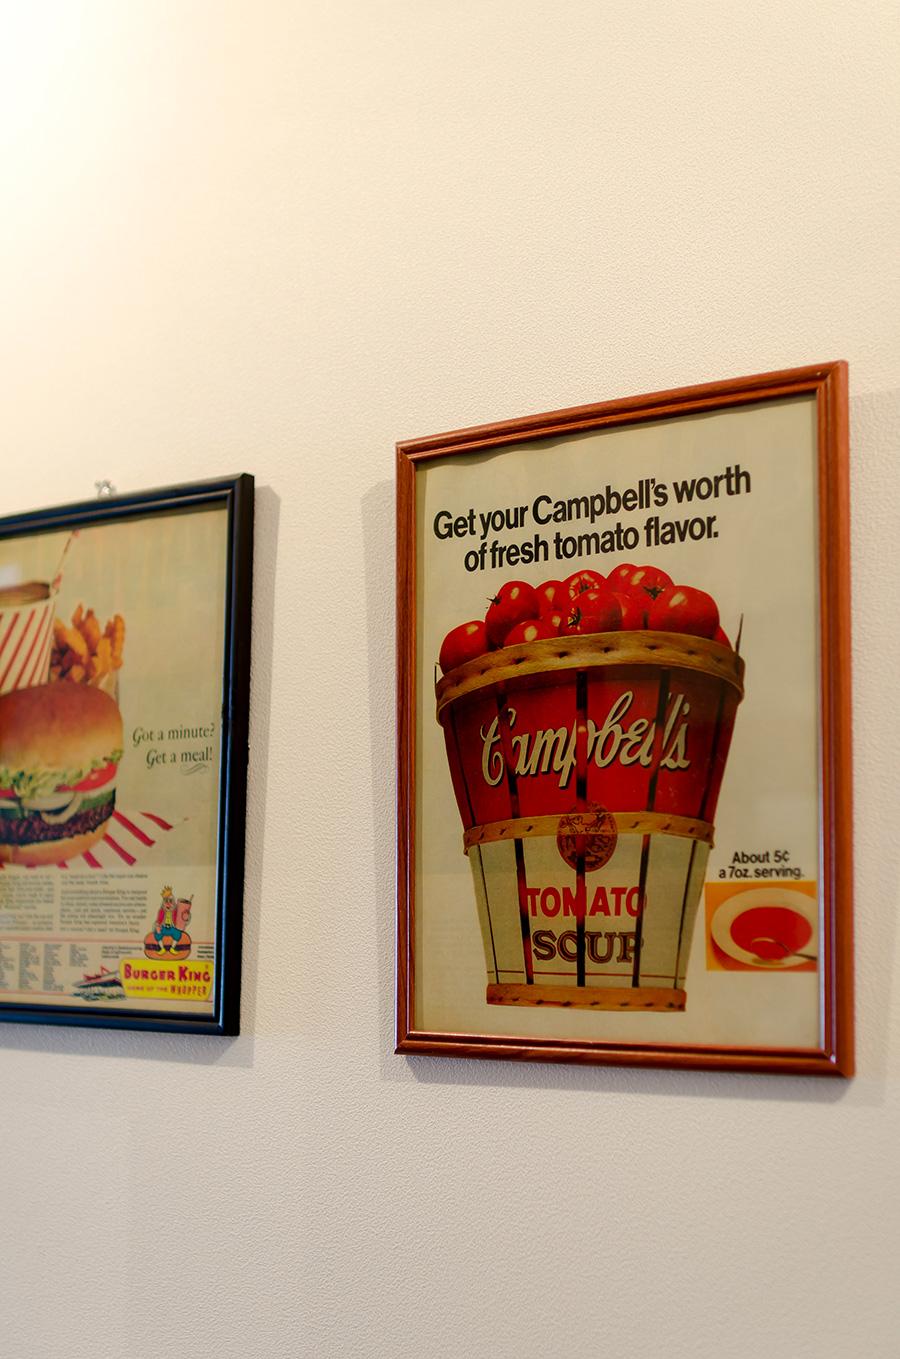 壁に掛かったポップなアメリカンアートも収集品の一つ。